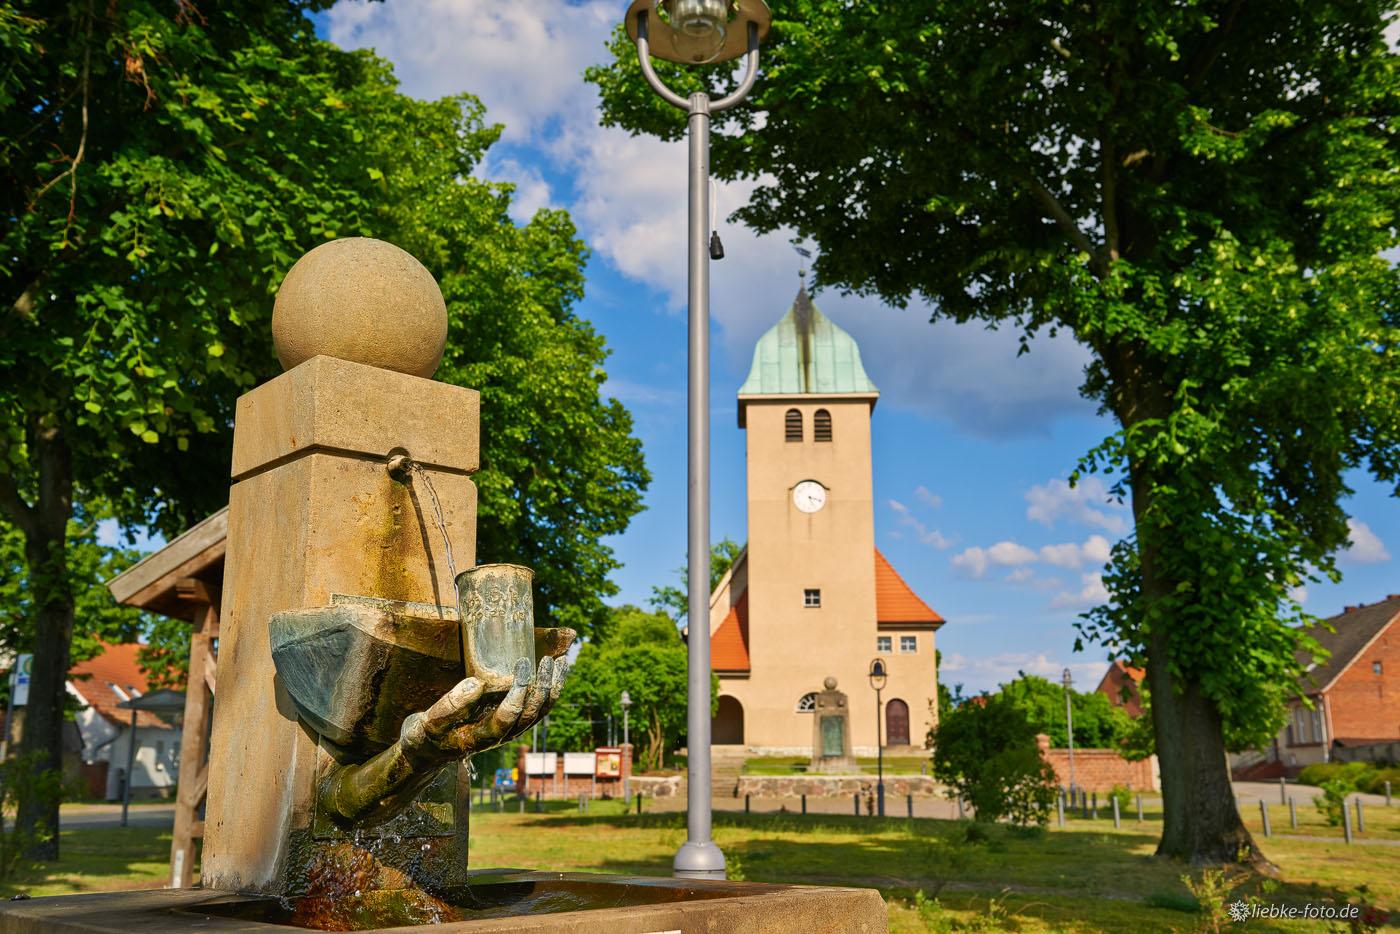 Dorfzentrum Sommerfeld mit Kirche, Kriegerdenkmal und Brunnen